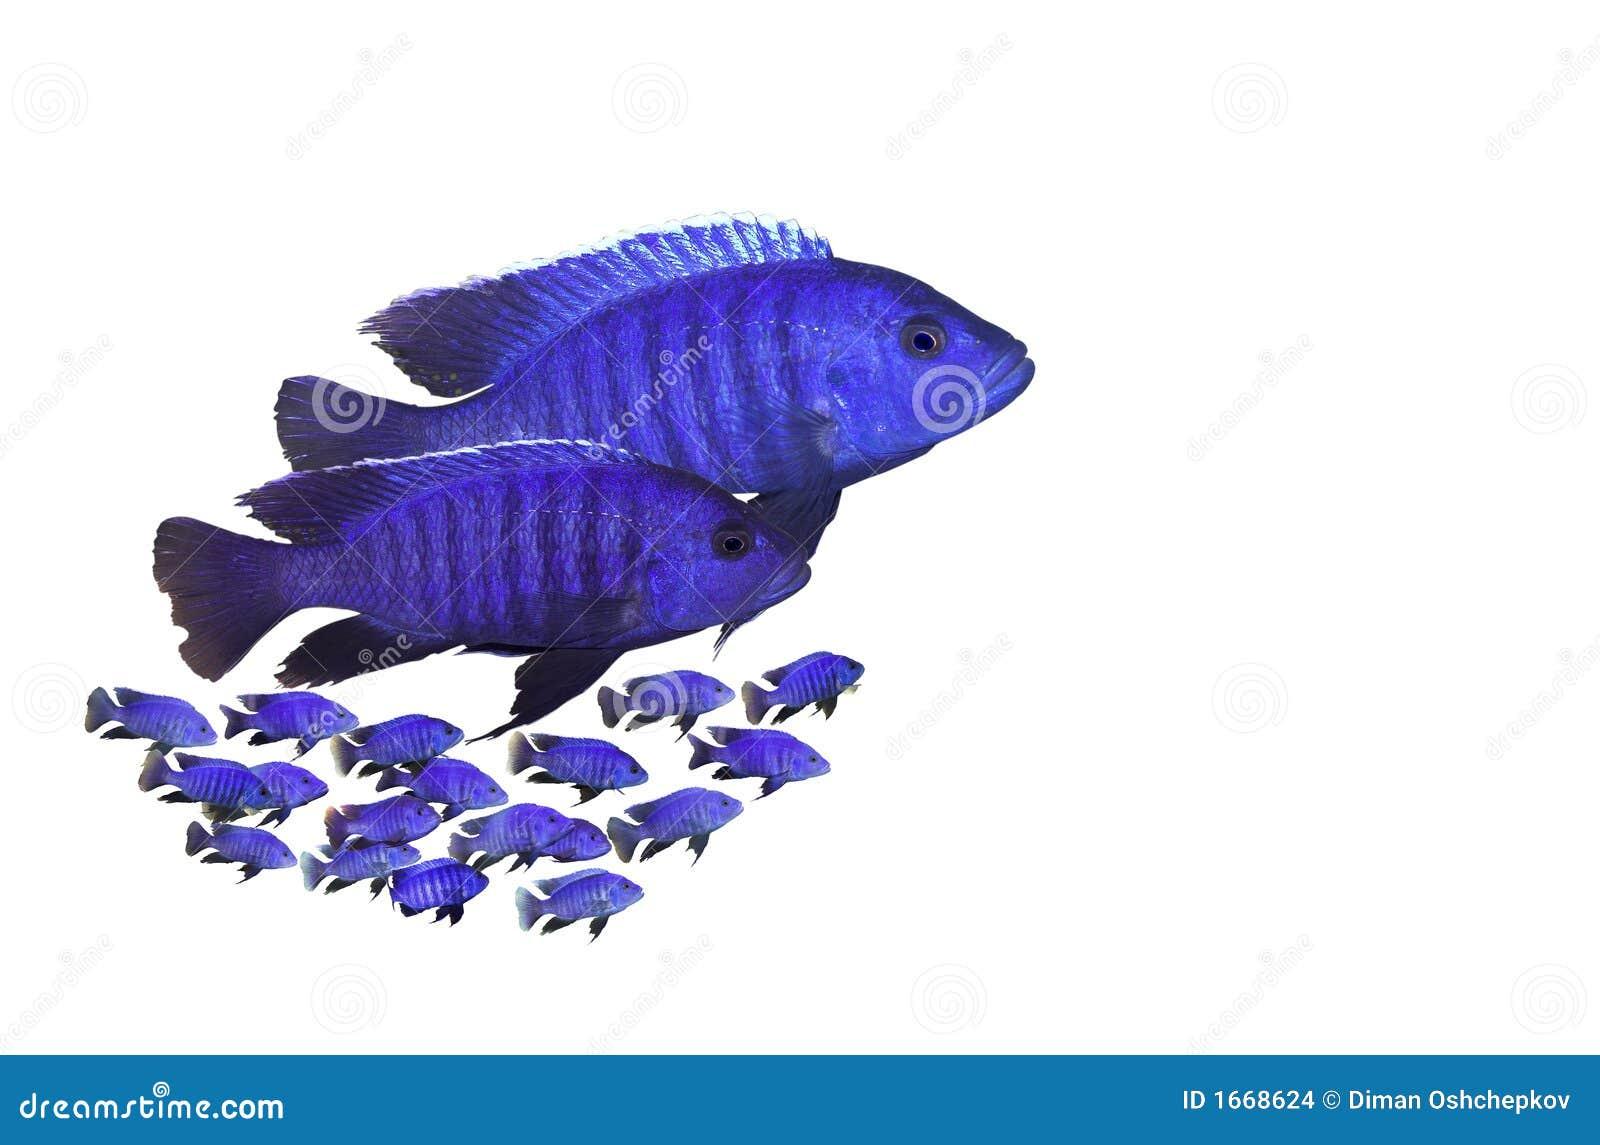 aquarium bilder kostenlos